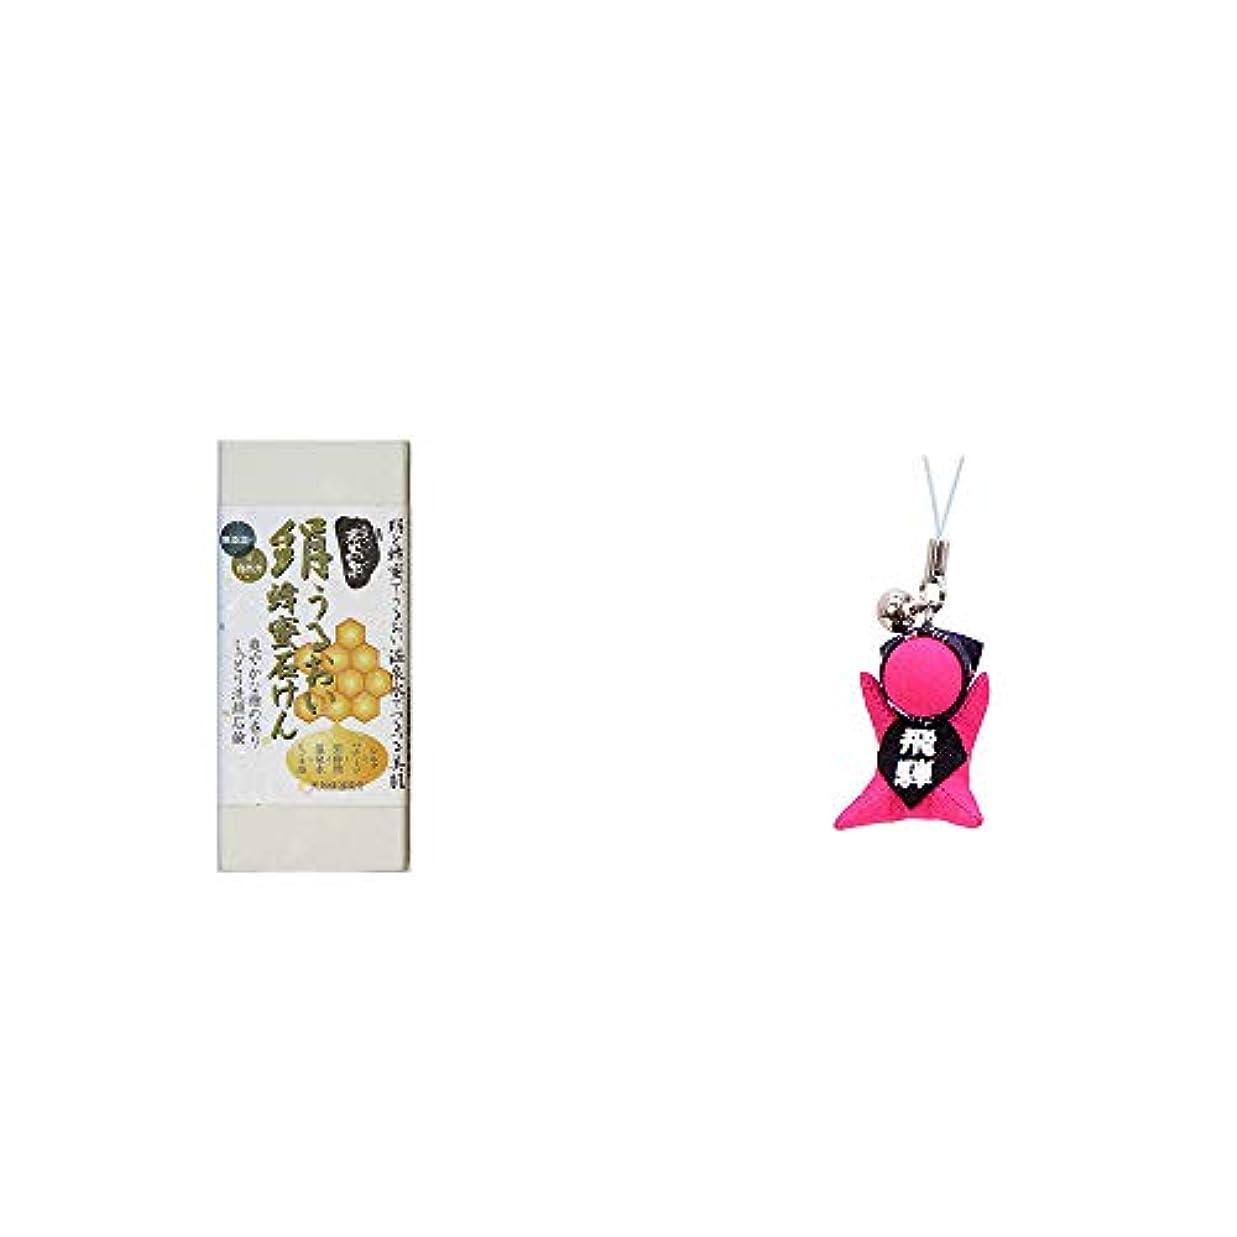 ライド失望操作可能[2点セット] ひのき炭黒泉 絹うるおい蜂蜜石けん(75g×2)?さるぼぼ幸福ストラップ 【ピンク】 / 風水カラー全9種類 縁結び?恋愛(出会い) お守り//